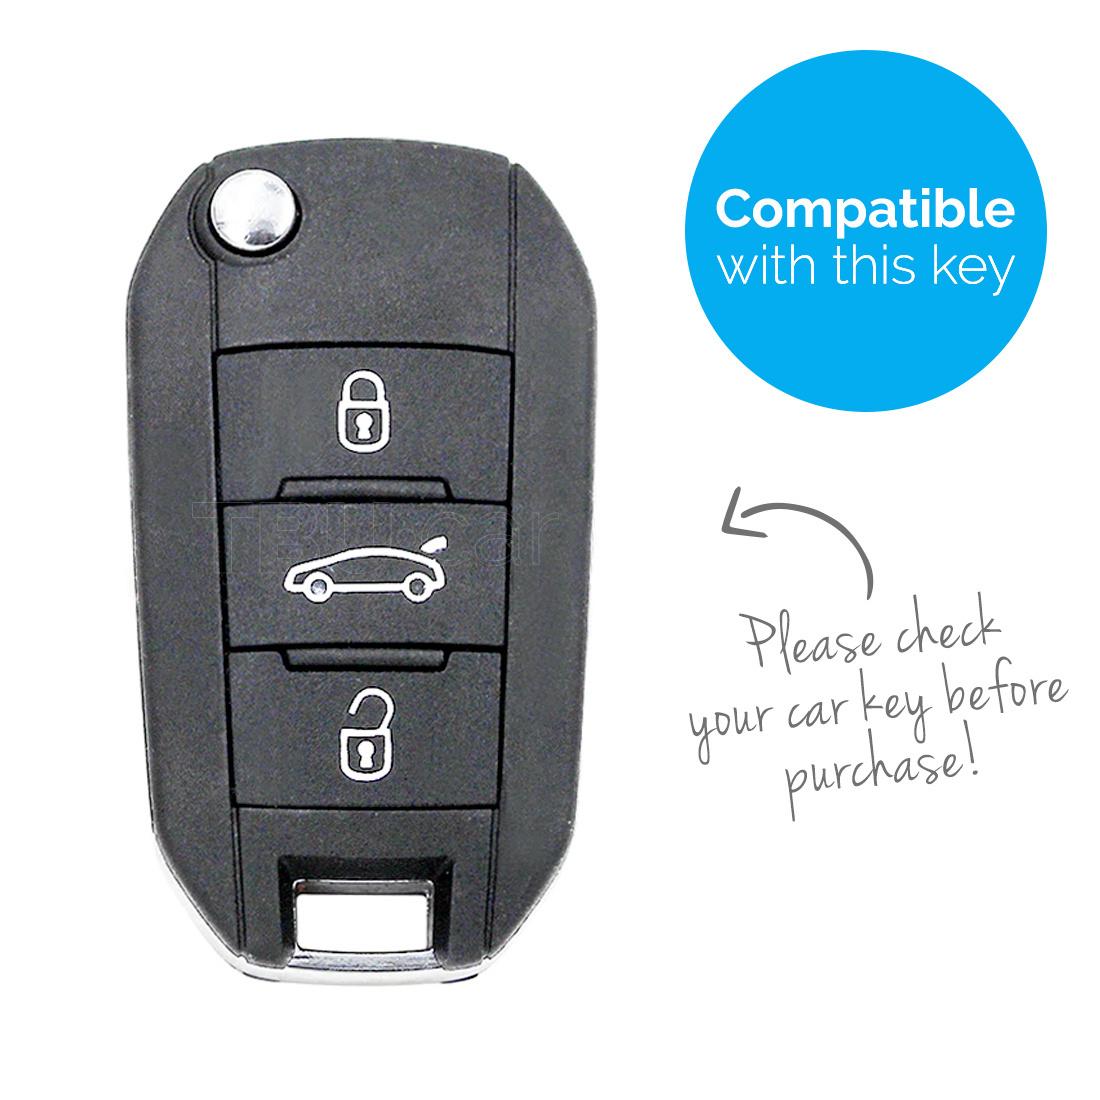 TBU car Autoschlüssel Hülle für Peugeot 3 Tasten - Schutzhülle aus Silikon - Auto Schlüsselhülle Cover in Im Dunkeln leuchten